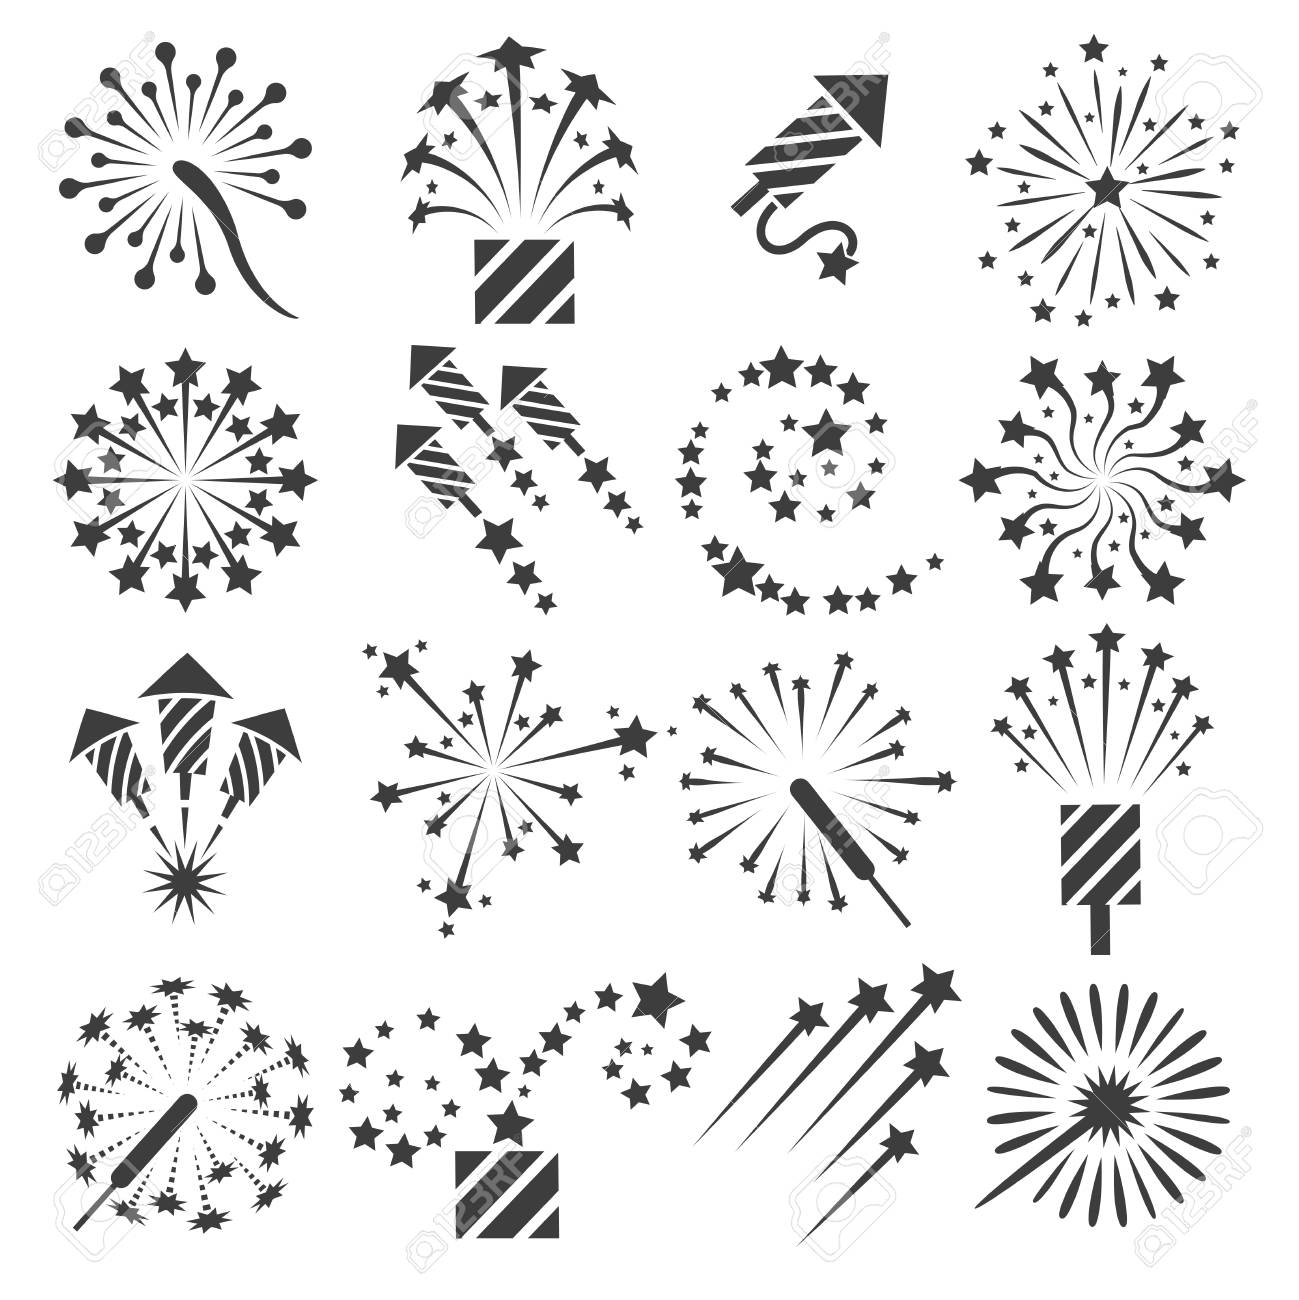 Icônes De Feu D Artifice Célébration De Feux D Artifice Parti Signes Et Dessin Vectoriel Célébrant Les Symboles De Pétard Isolés Sur Fond Blanc